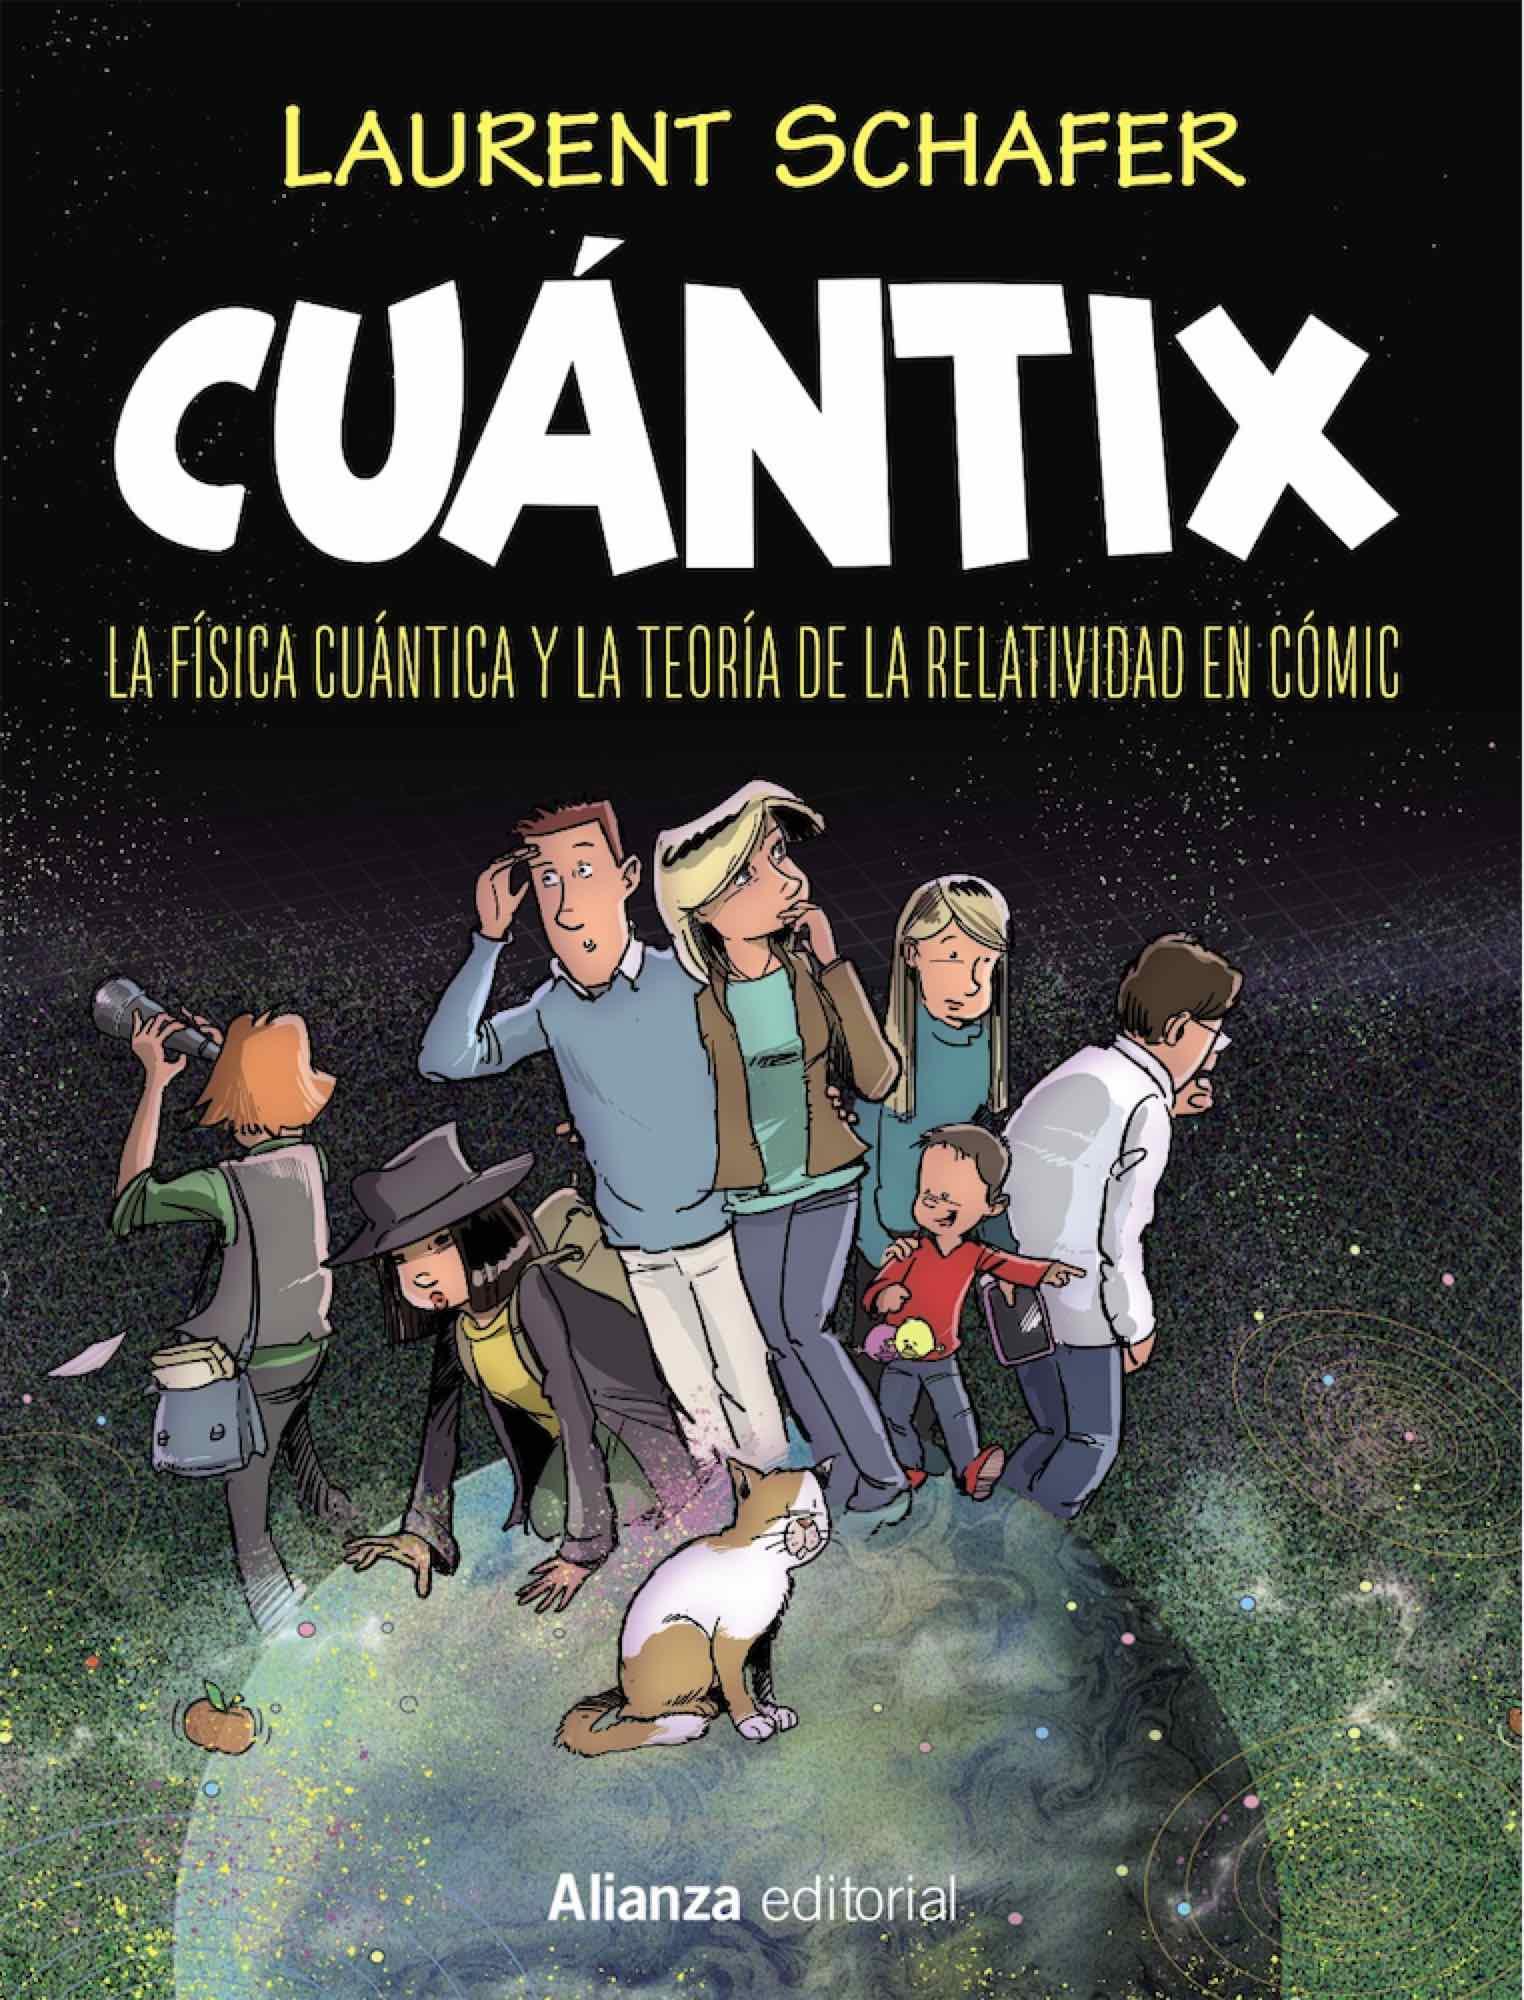 CUANTIX. LA FISICA CUANTICA Y LA RELATIVIDAD EN COMIC